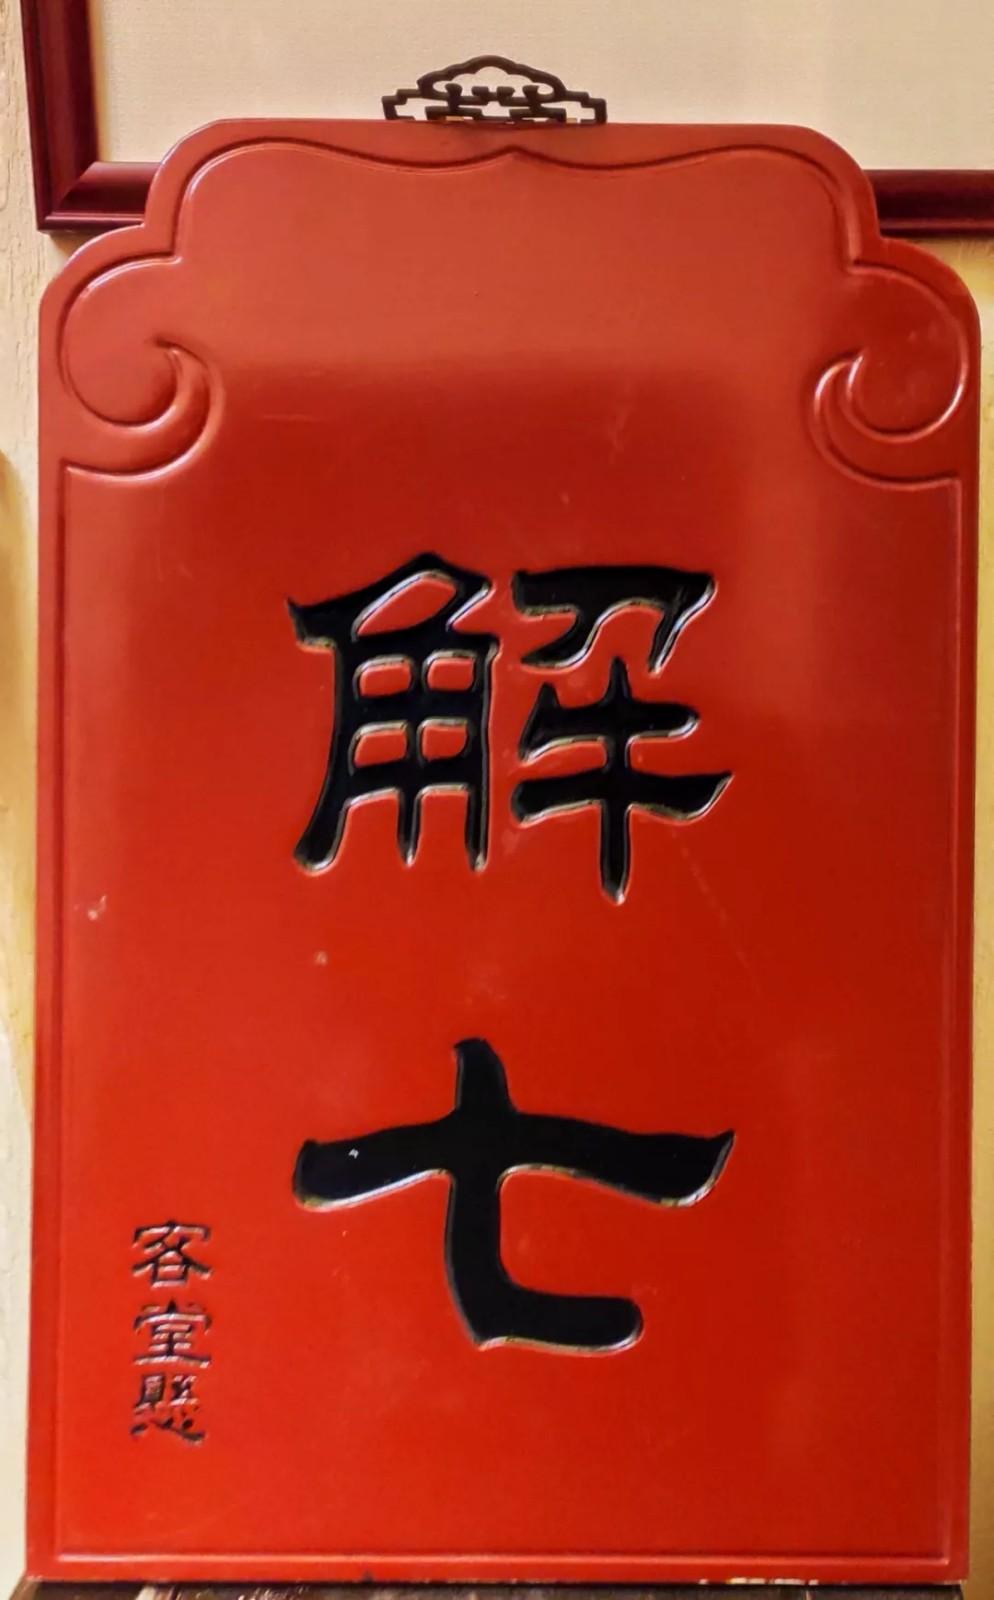 清光绪年间以来,苏州寒山寺首个禅七法会圆满